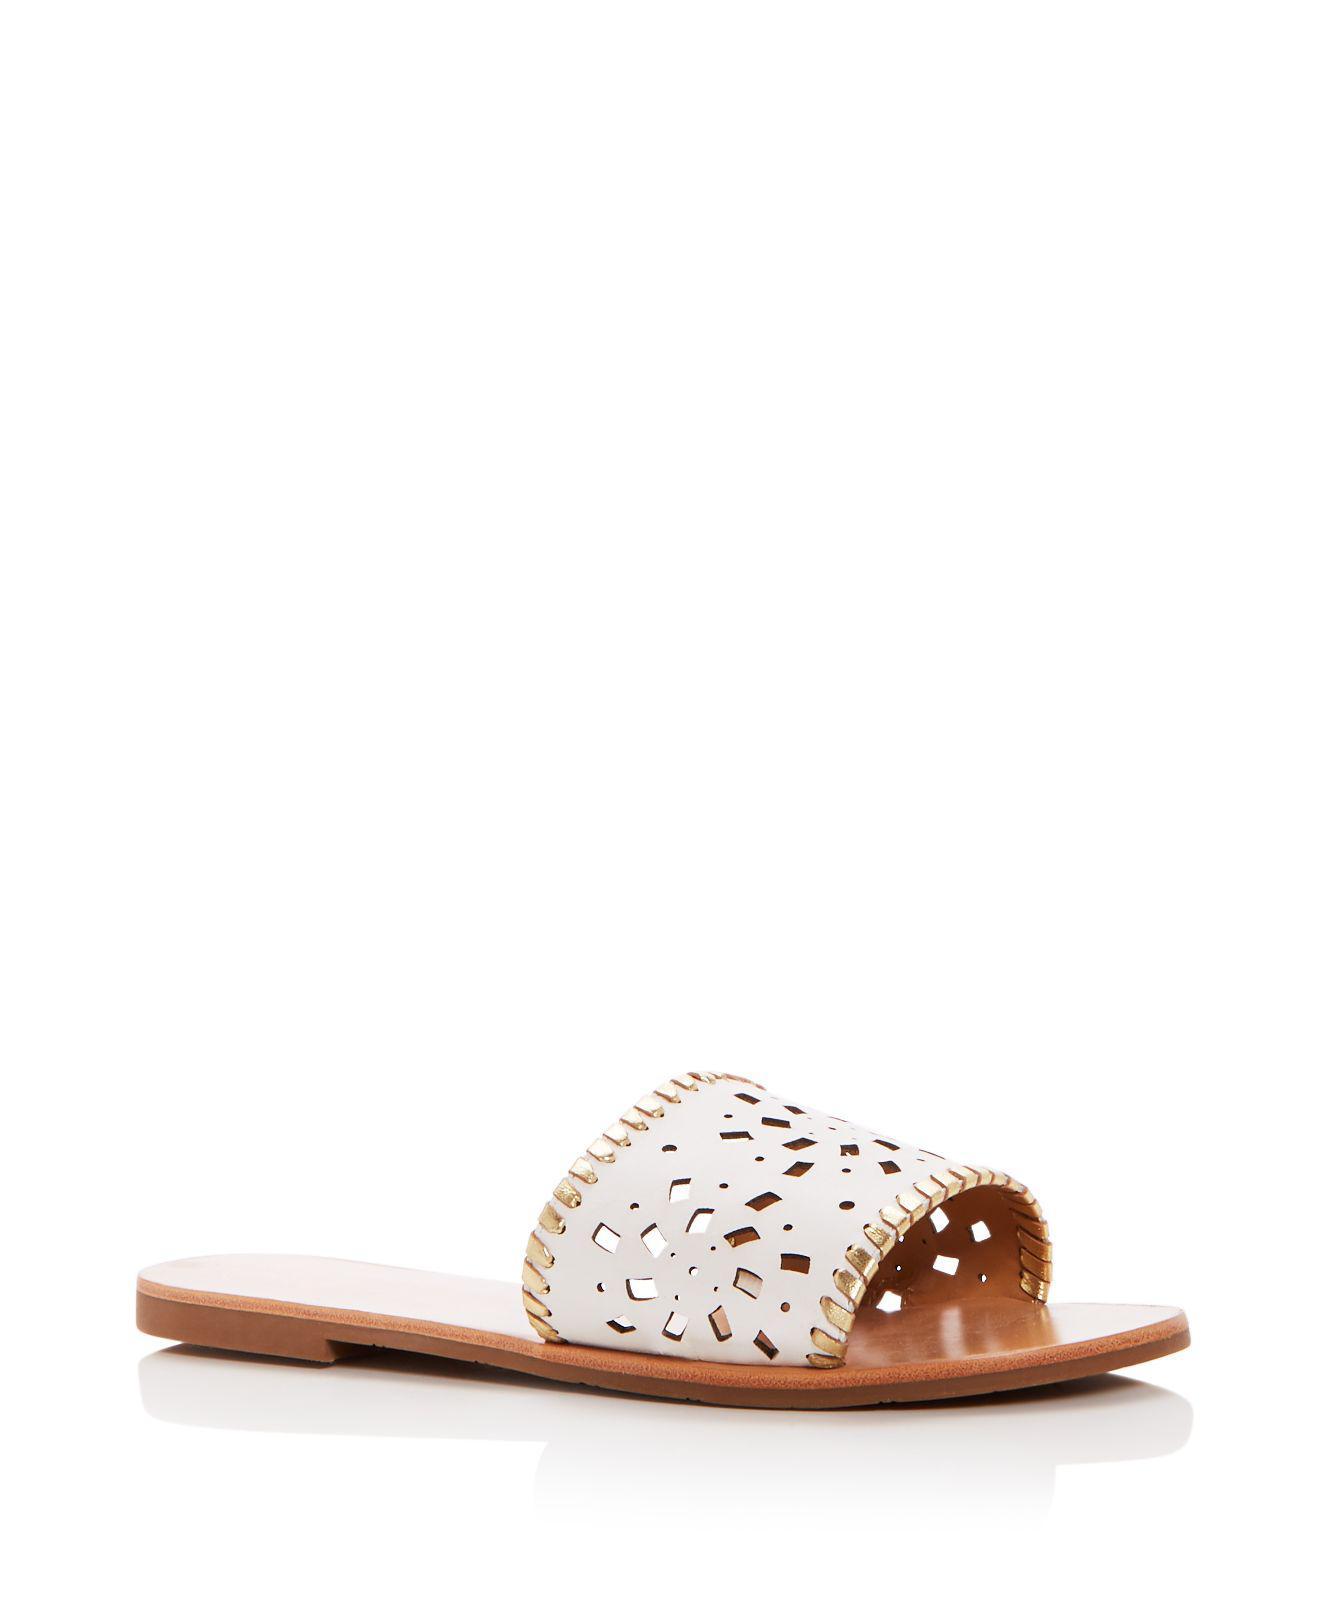 Jack Rogers Women's Delilah Slide Sandal O2TlFIRViY